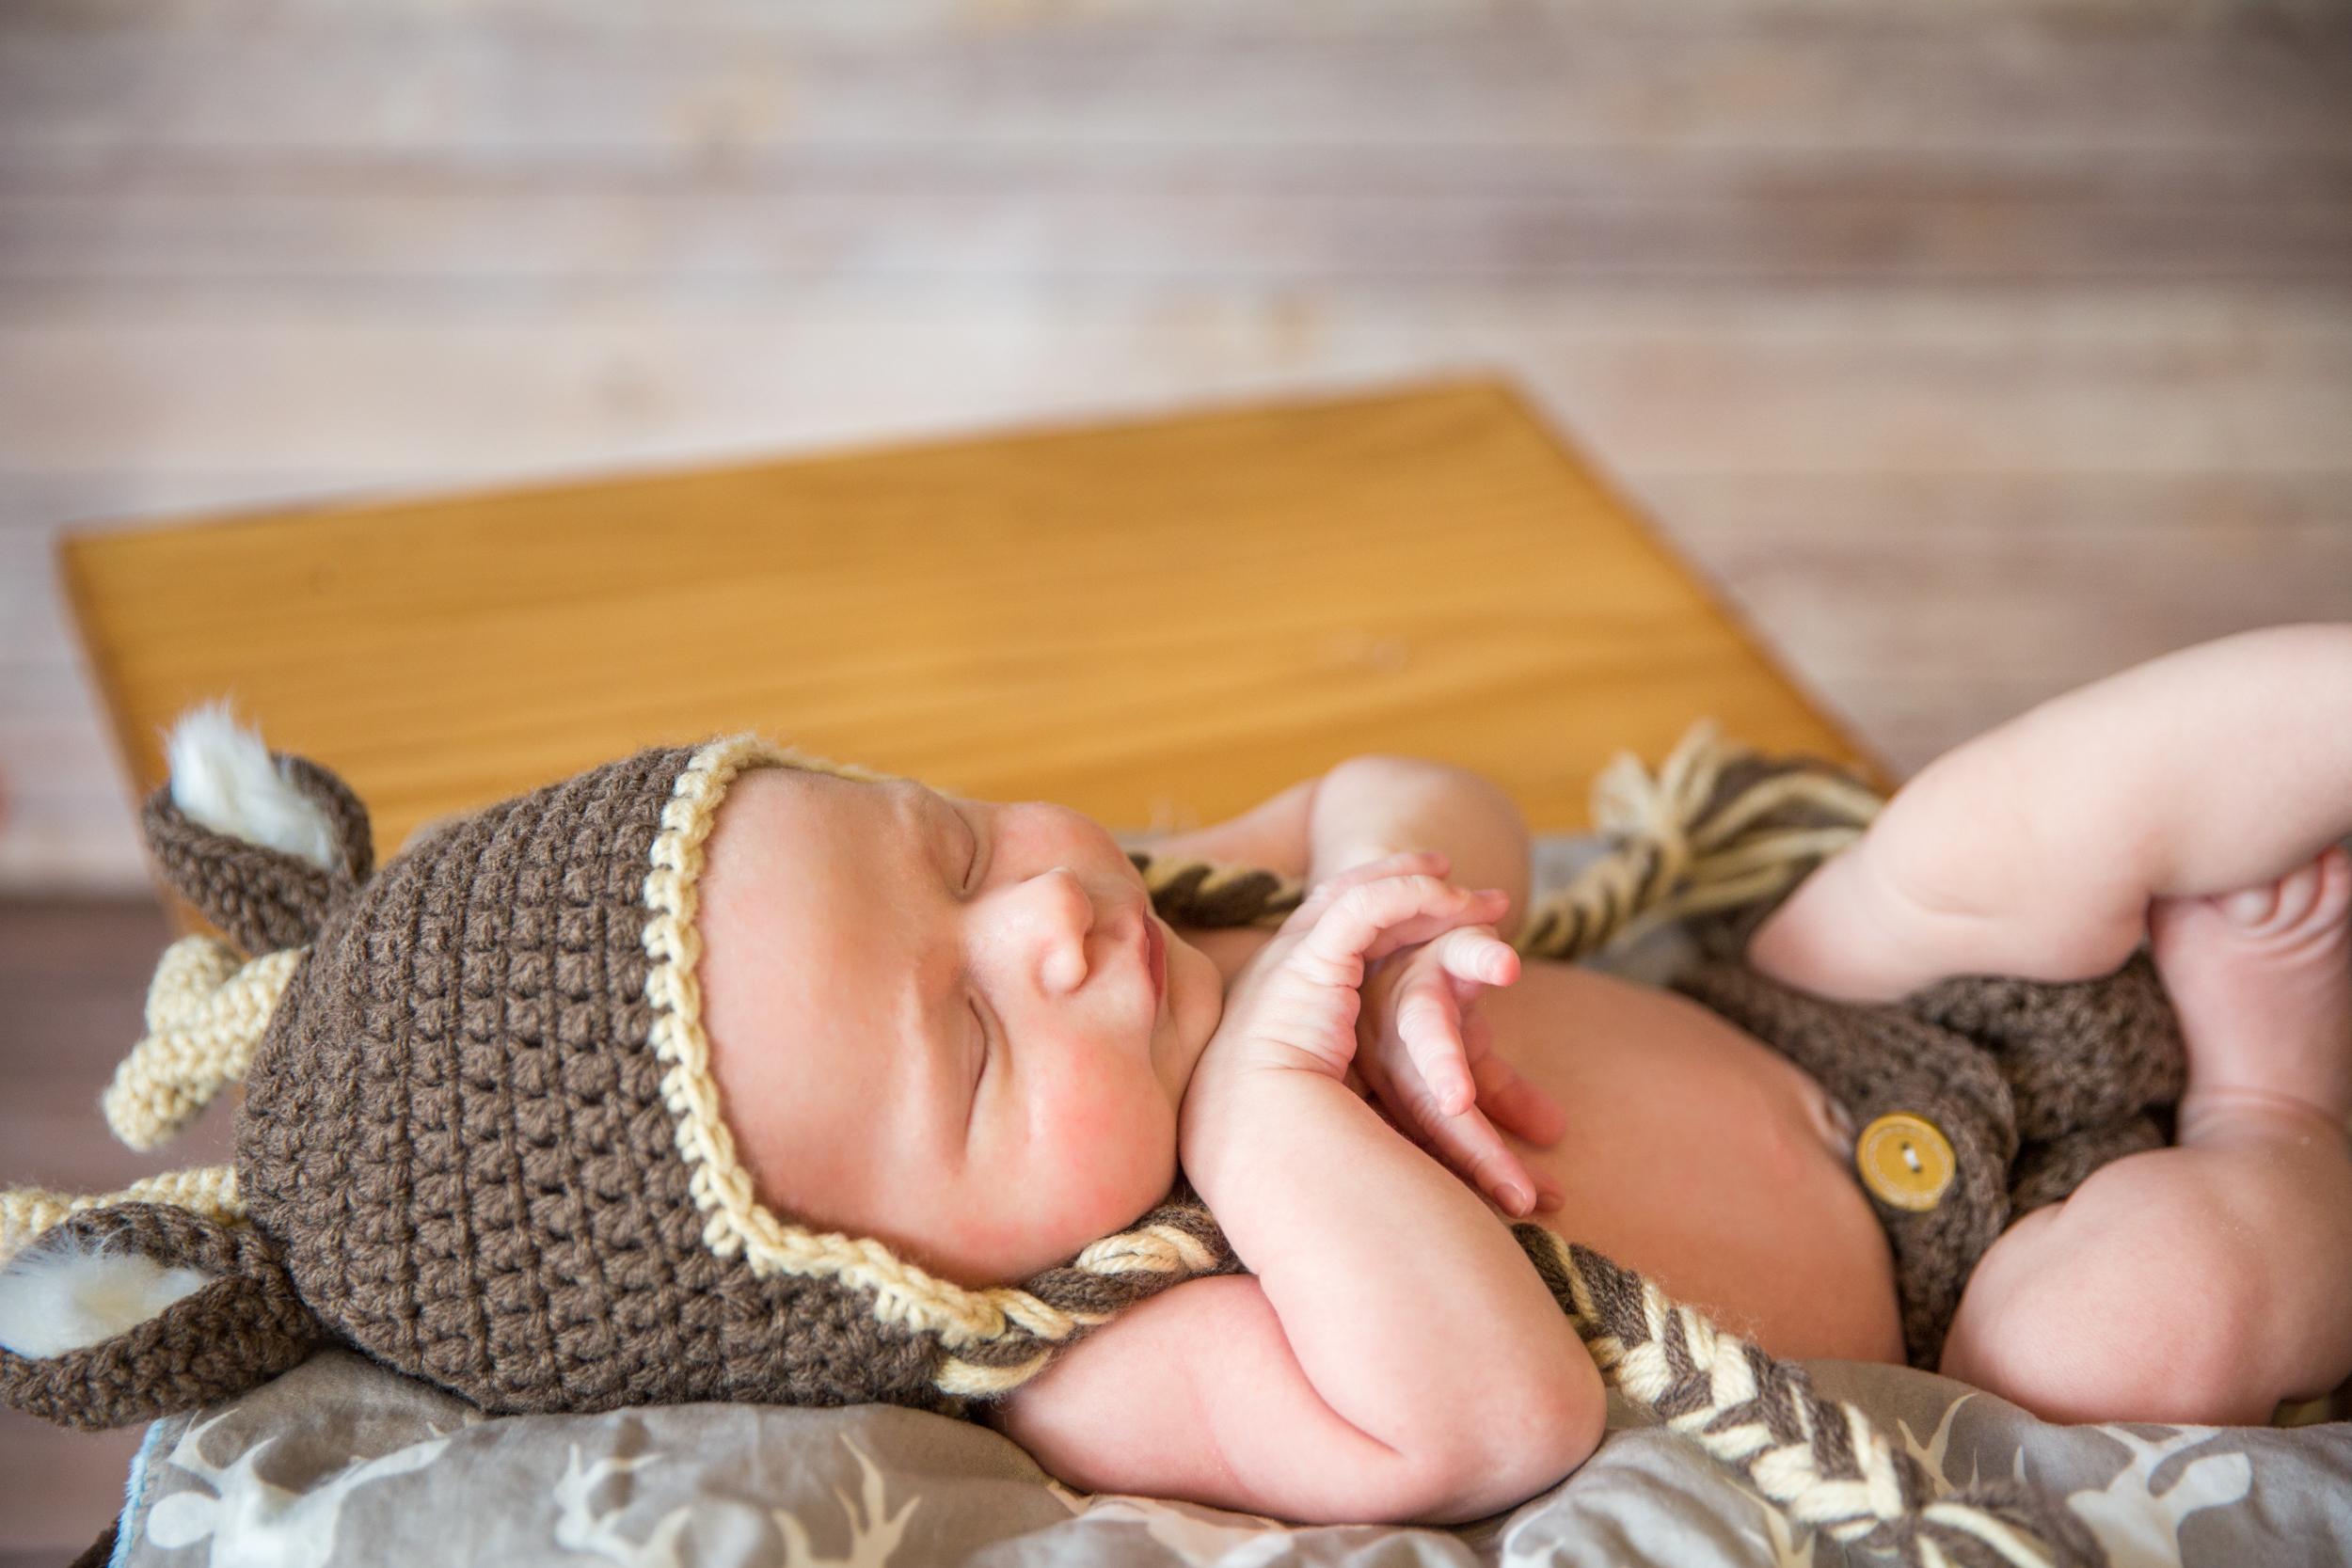 WEB_9-21-17_RhettKrips_Newborn-2.jpg